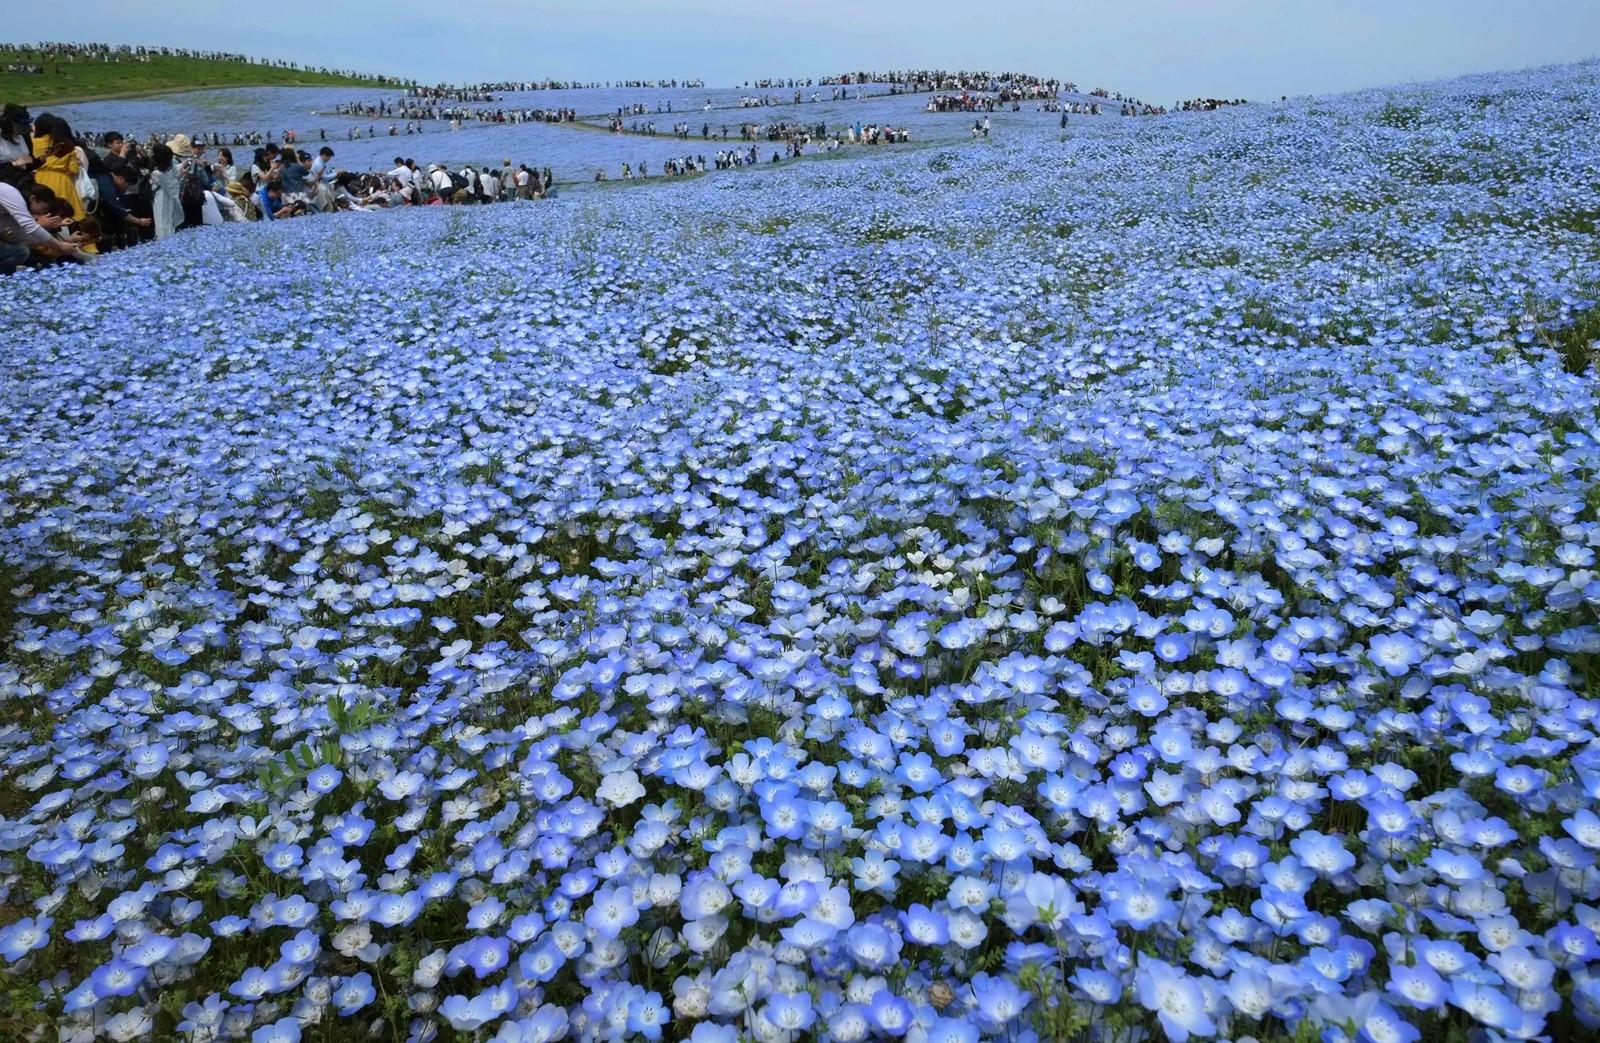 Mennesker flokker til for å oppleve blomstringen av øyeblomster i en park i Hitachinakai Japan.. Det er omtrent 4,5 millioner slike blomster i parken.